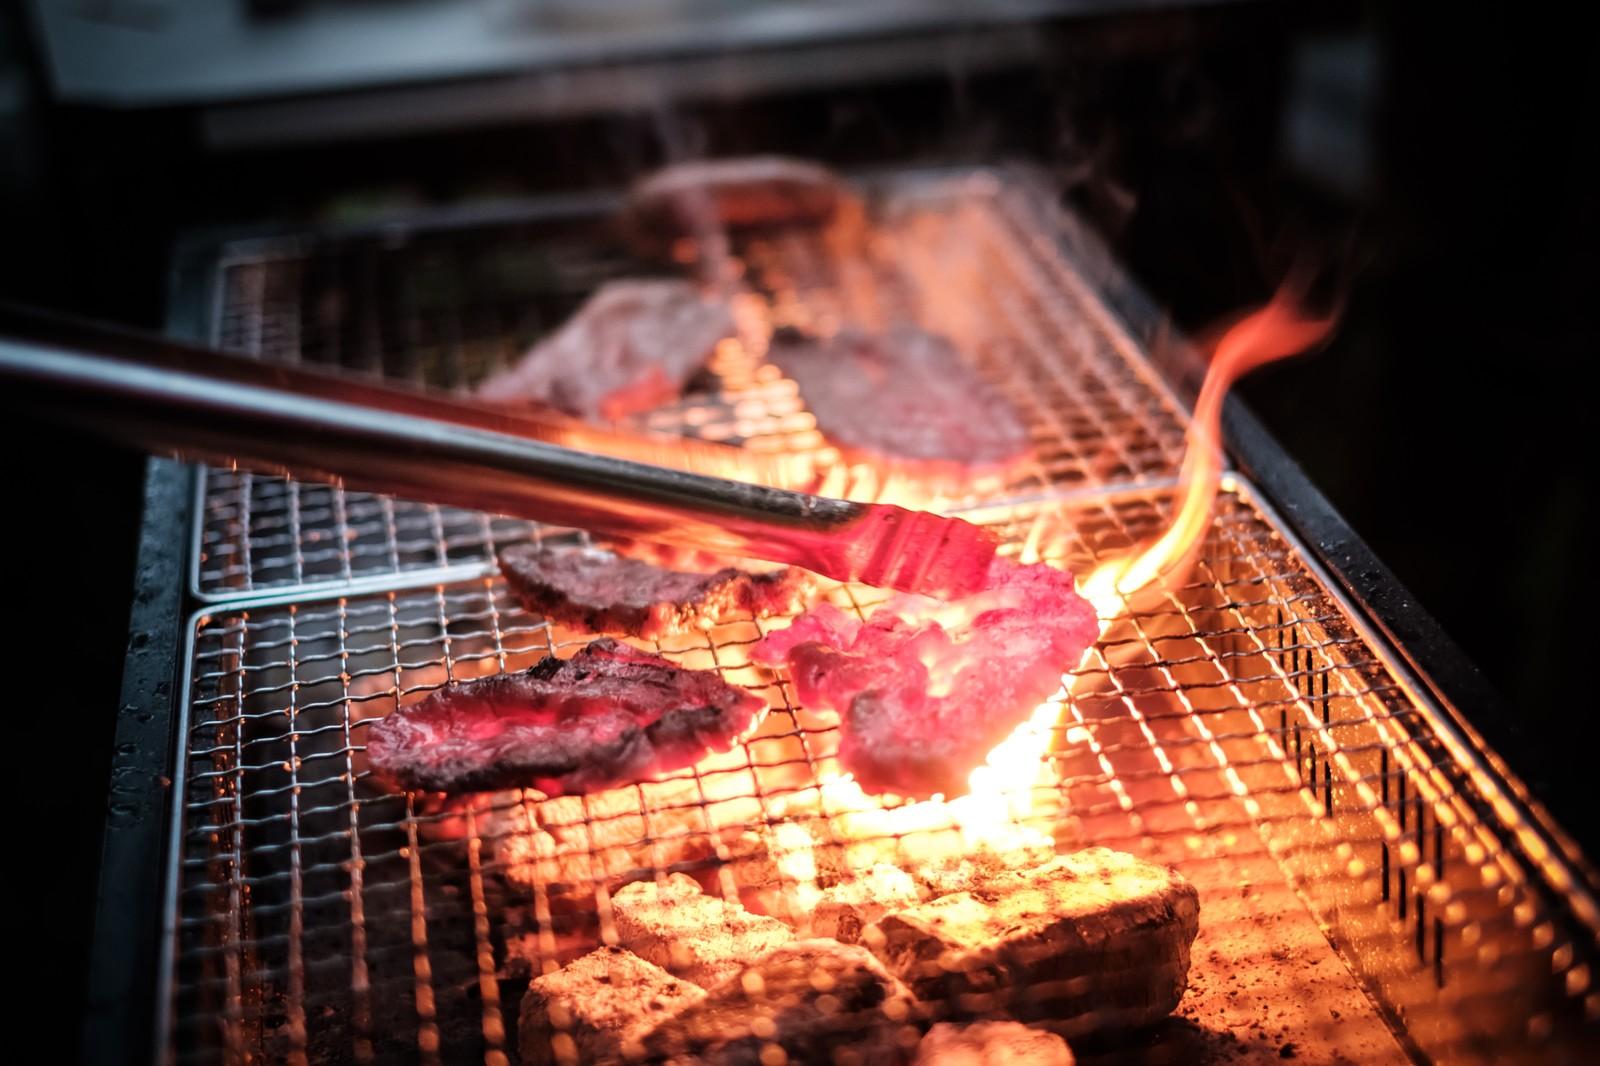 六本木の焼肉屋おすすめは?安い・美味しい店から有名な高級店まで!